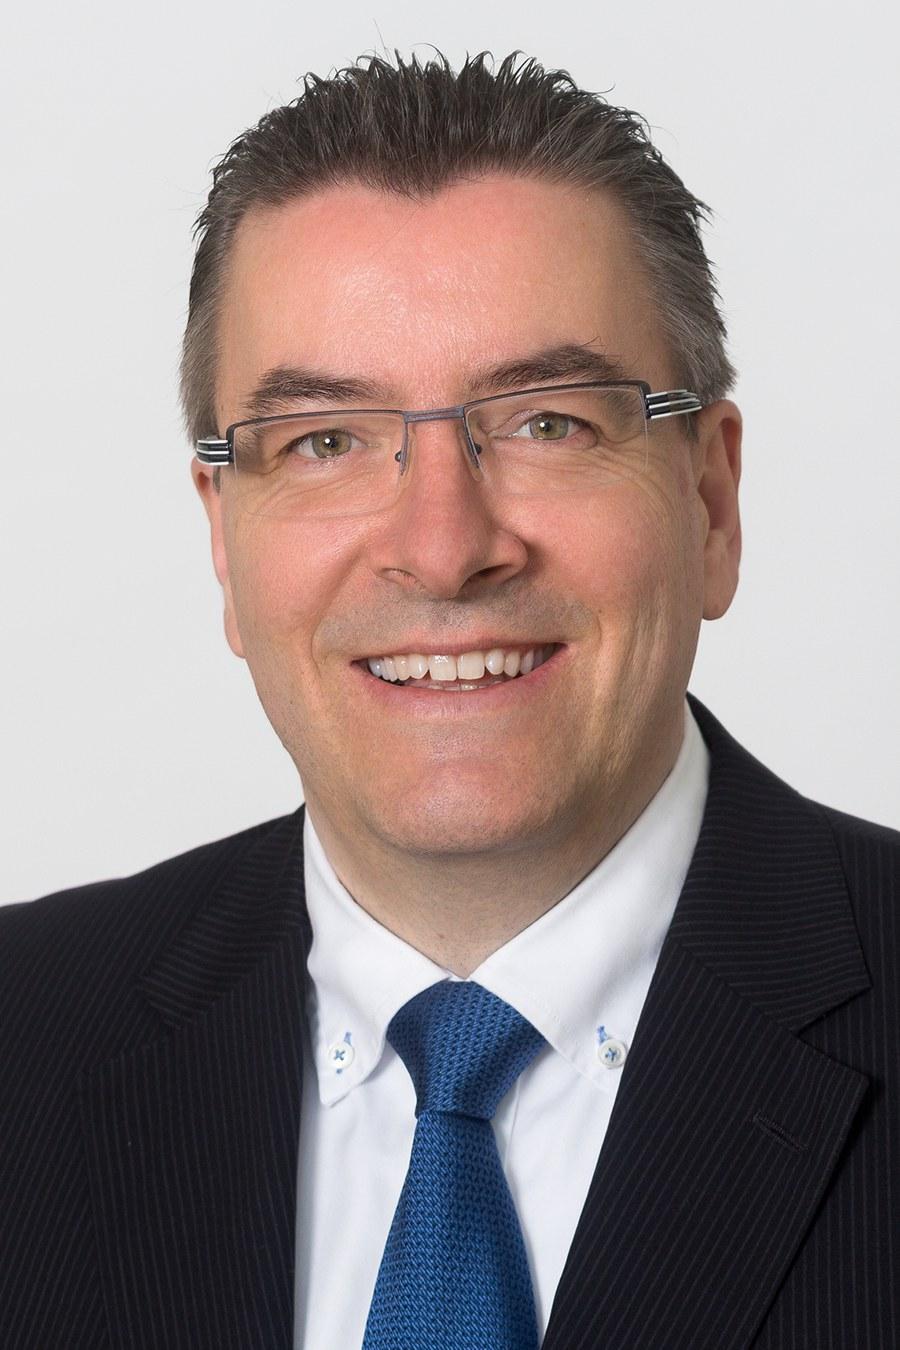 Markus Hodel, Generalsekretär